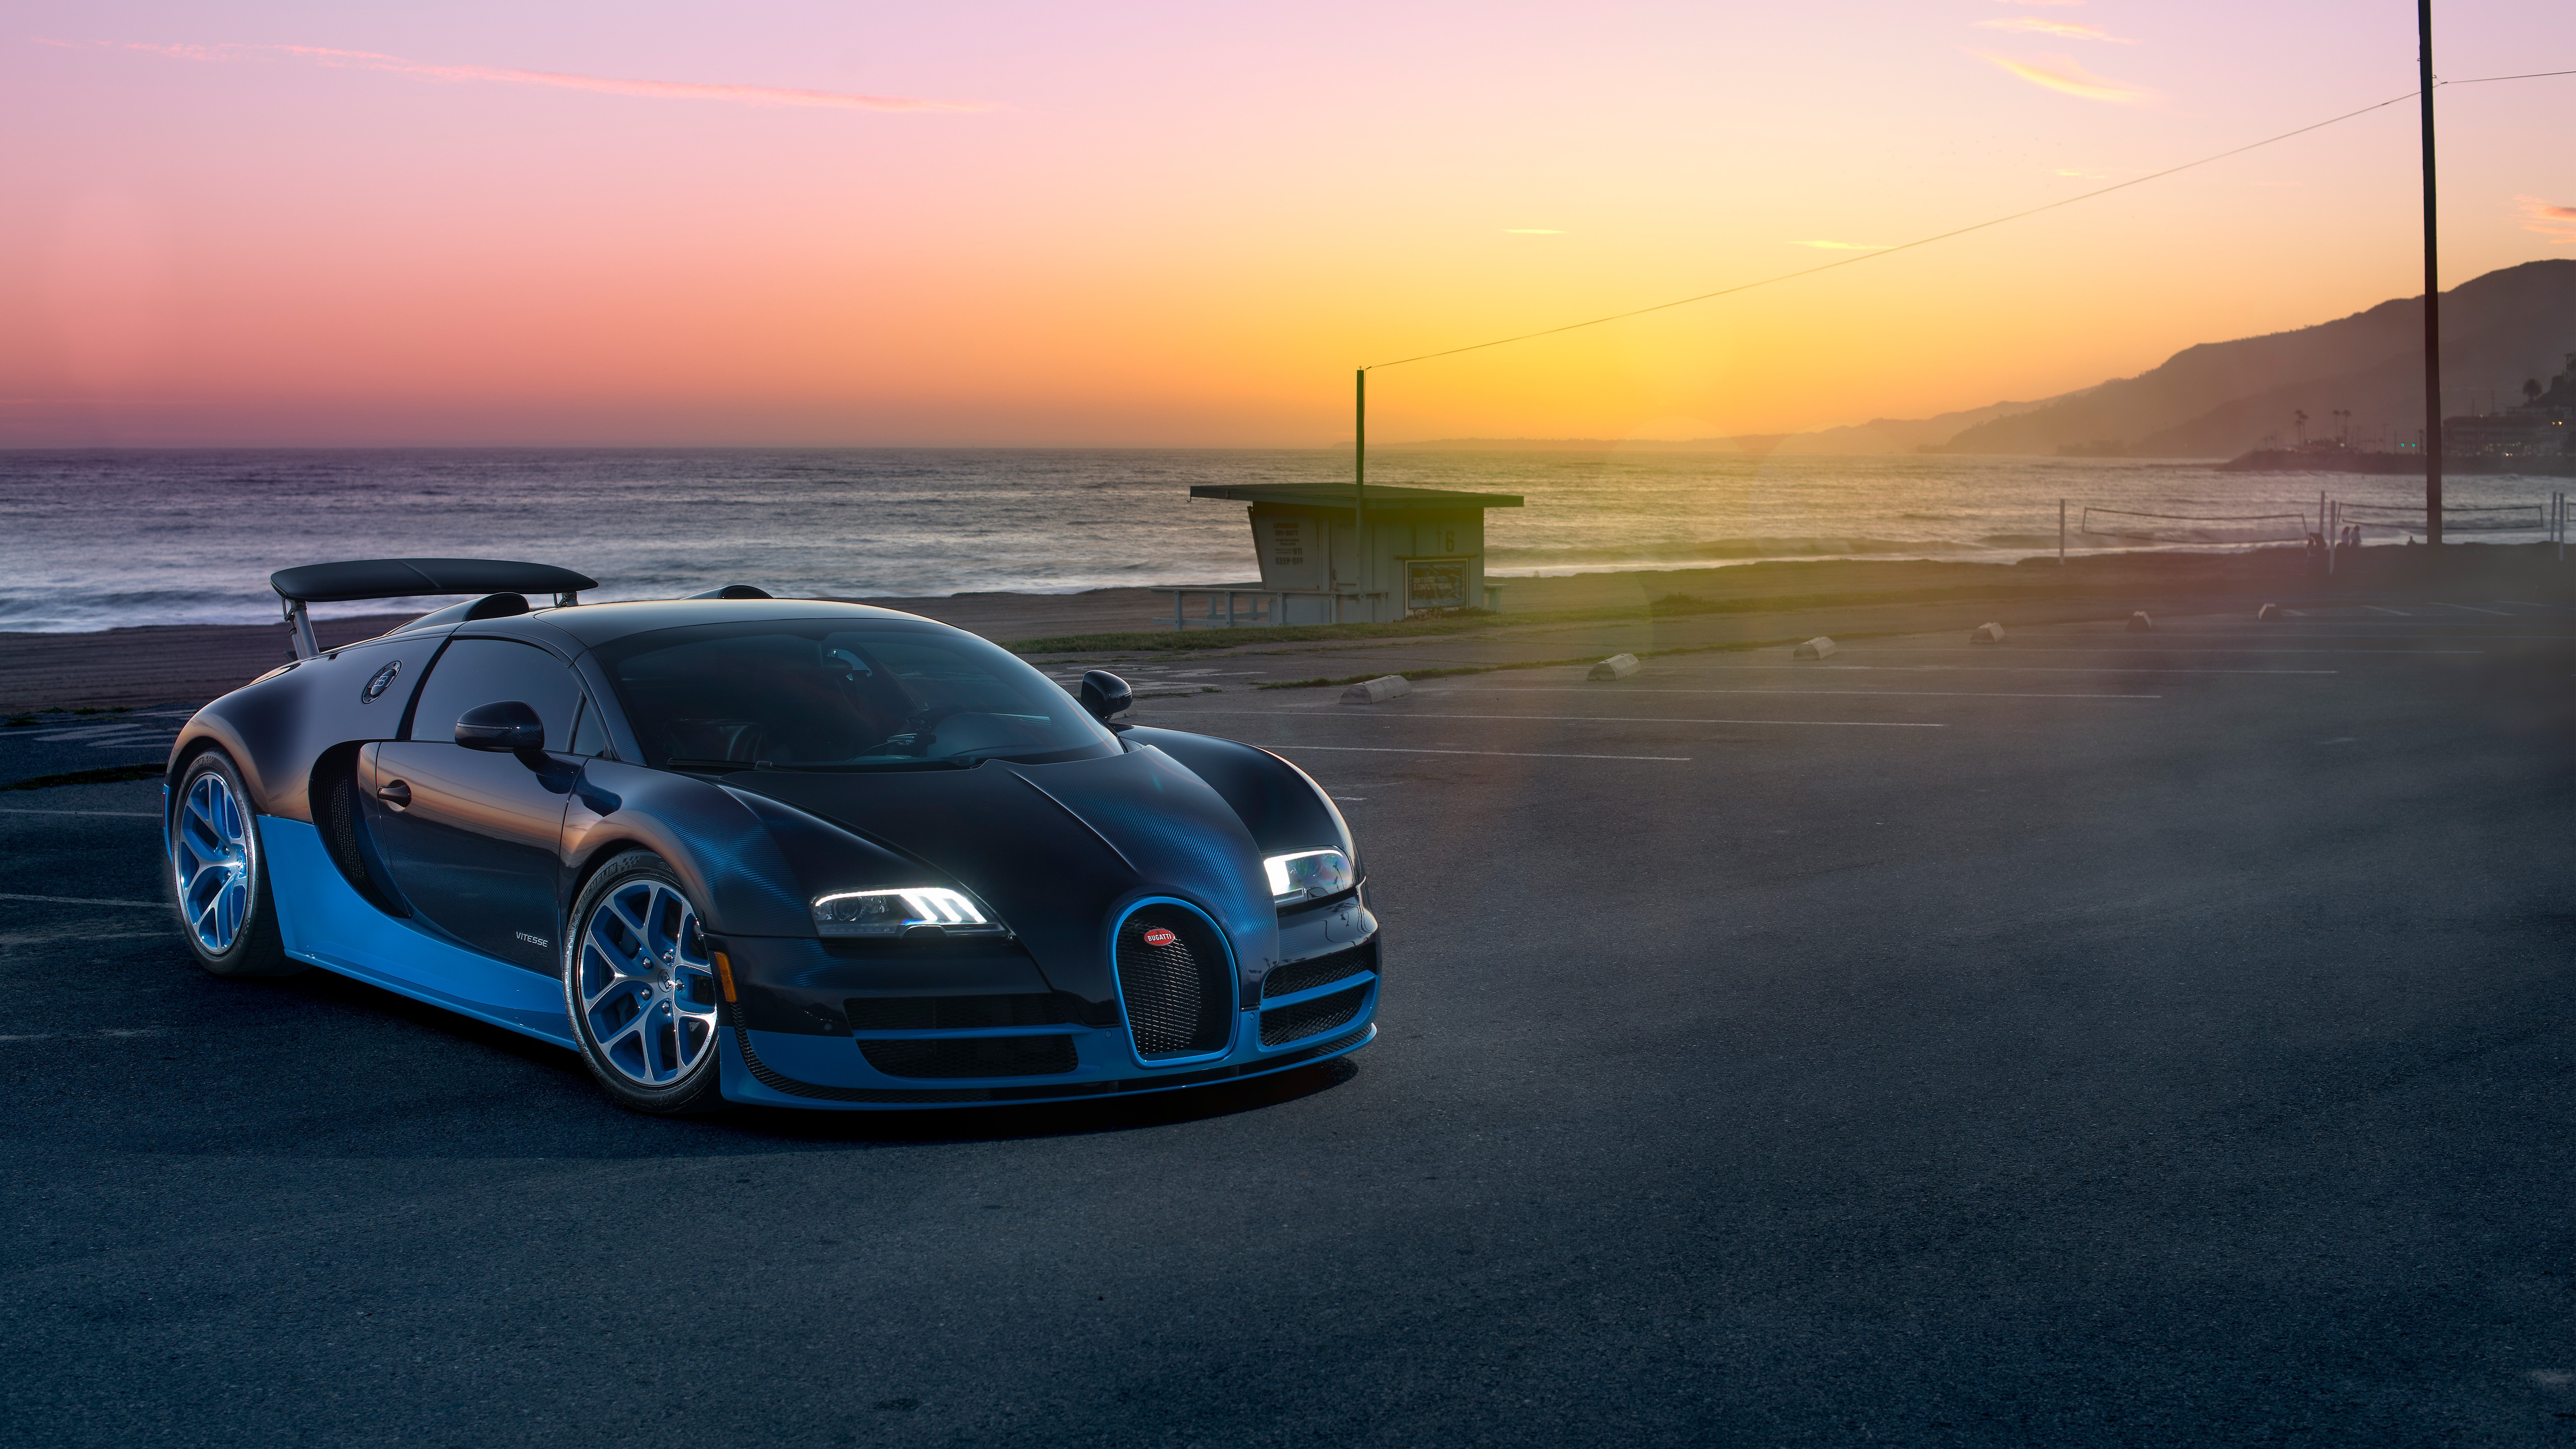 bugatti_veyron_grand_sport_vitesse_5k-5120x2880 Extraordinary Bugatti Veyron Grand Sport Vitesse Cars Trend